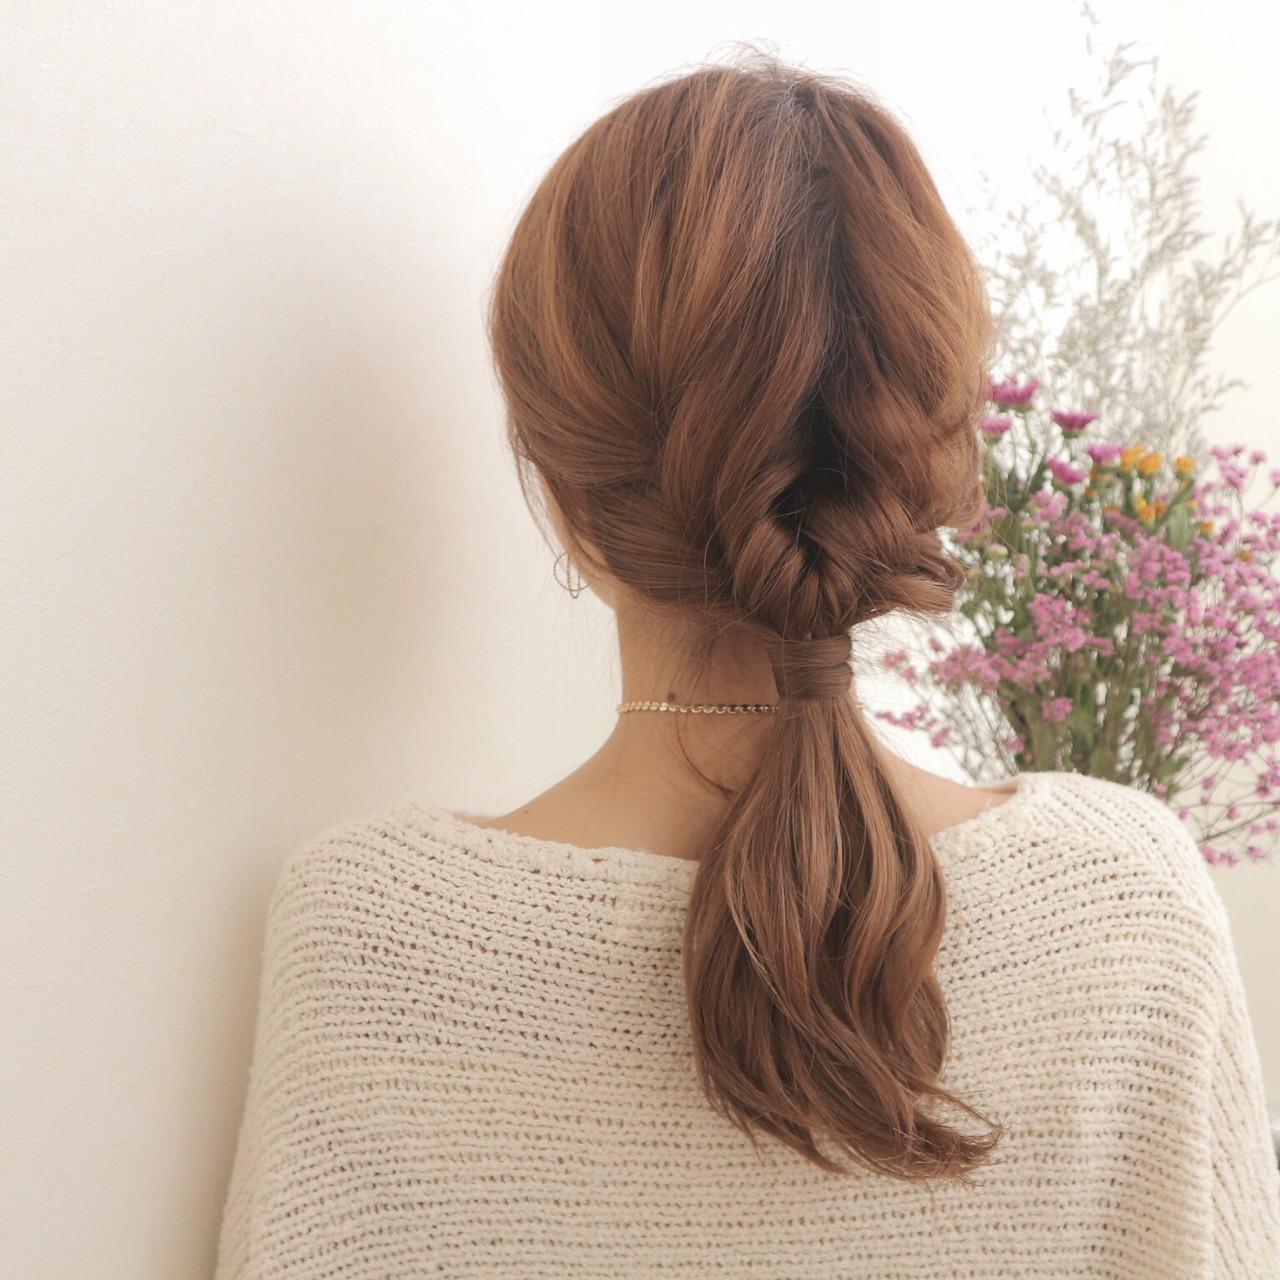 ガーリーに仕上がる、みつあみアレンジ ryota kuwamura | 函館/CALIF hair store/キャリフ ヘアストア